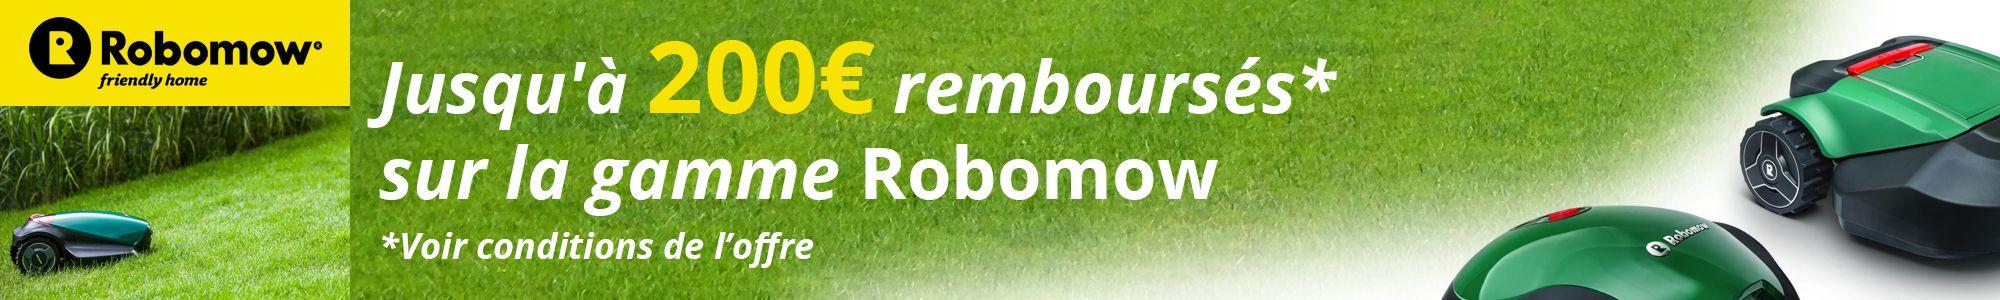 offre remboursement robomow